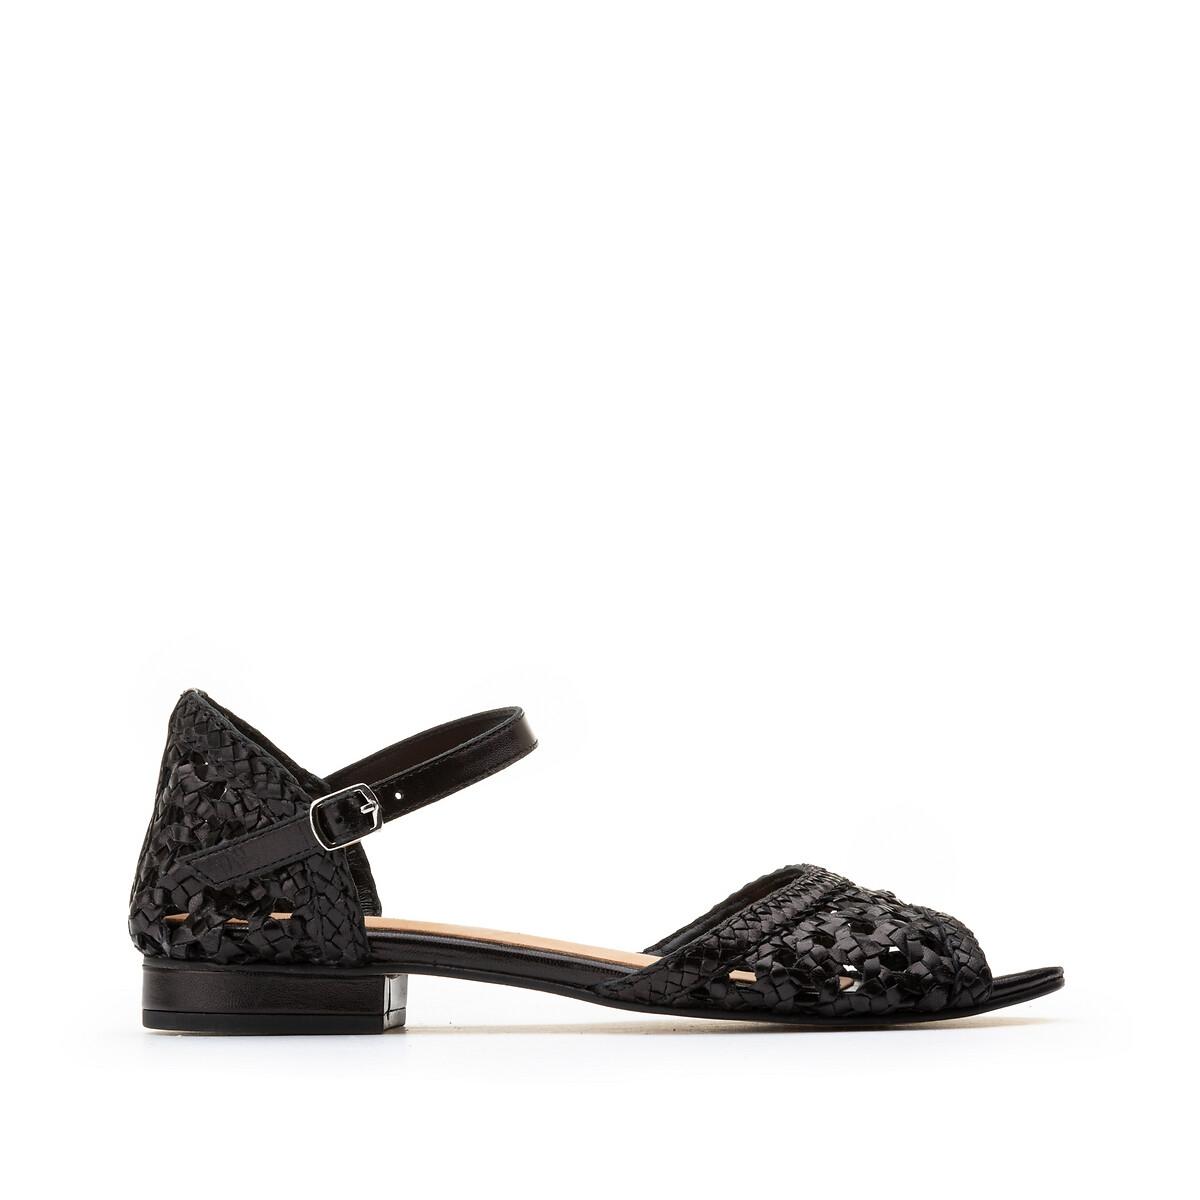 Sandalias de piel trenzada con tacón plano